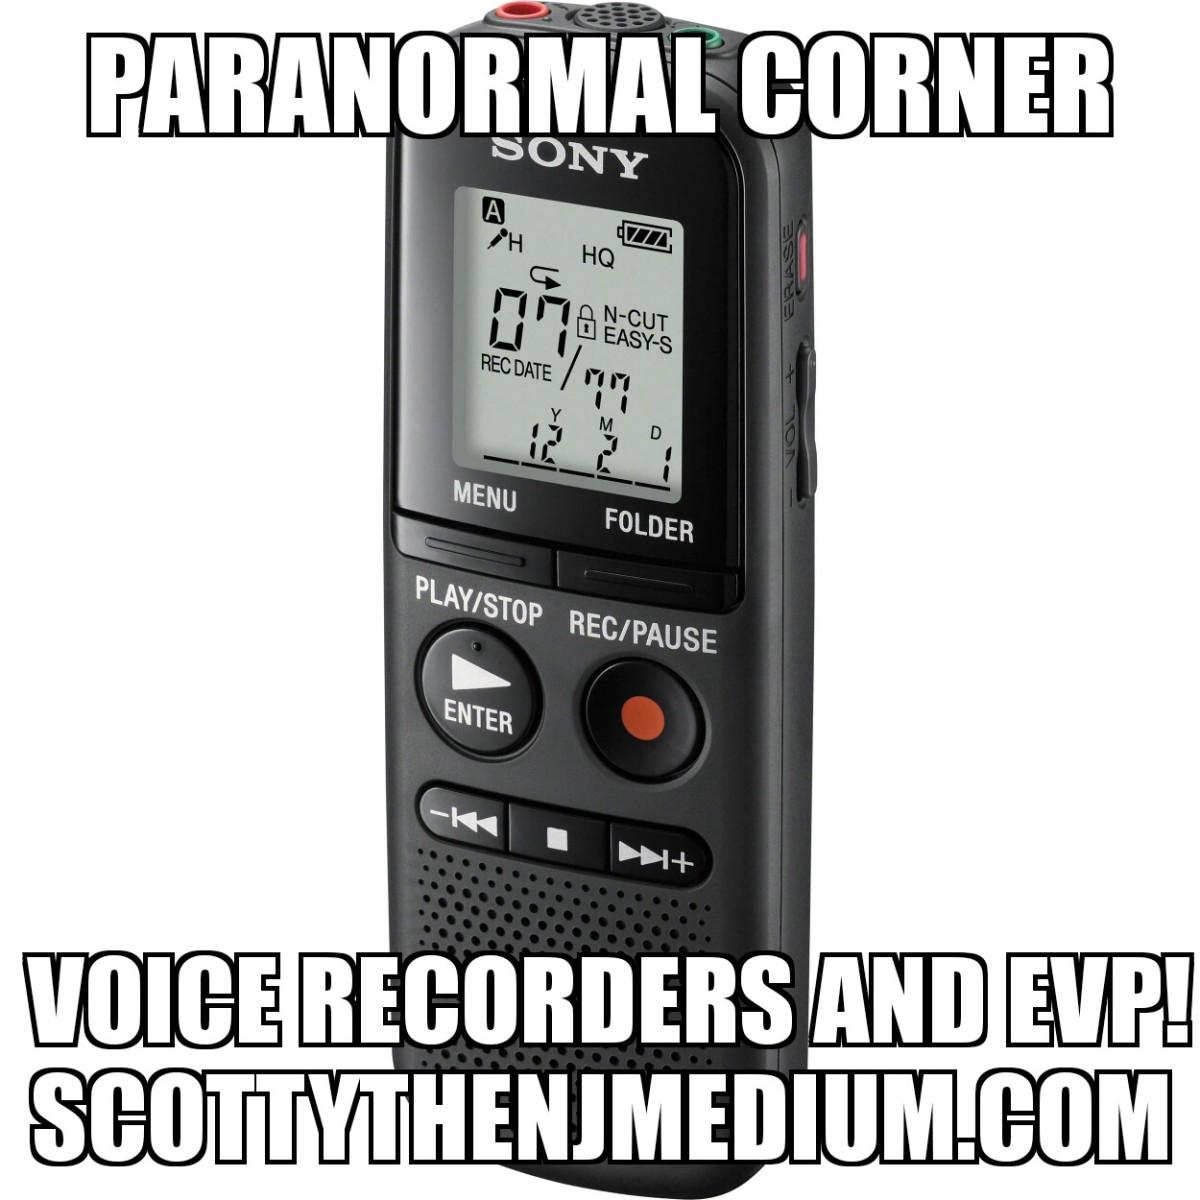 Voice Recorders and EVP – Scotty The NJ Medium